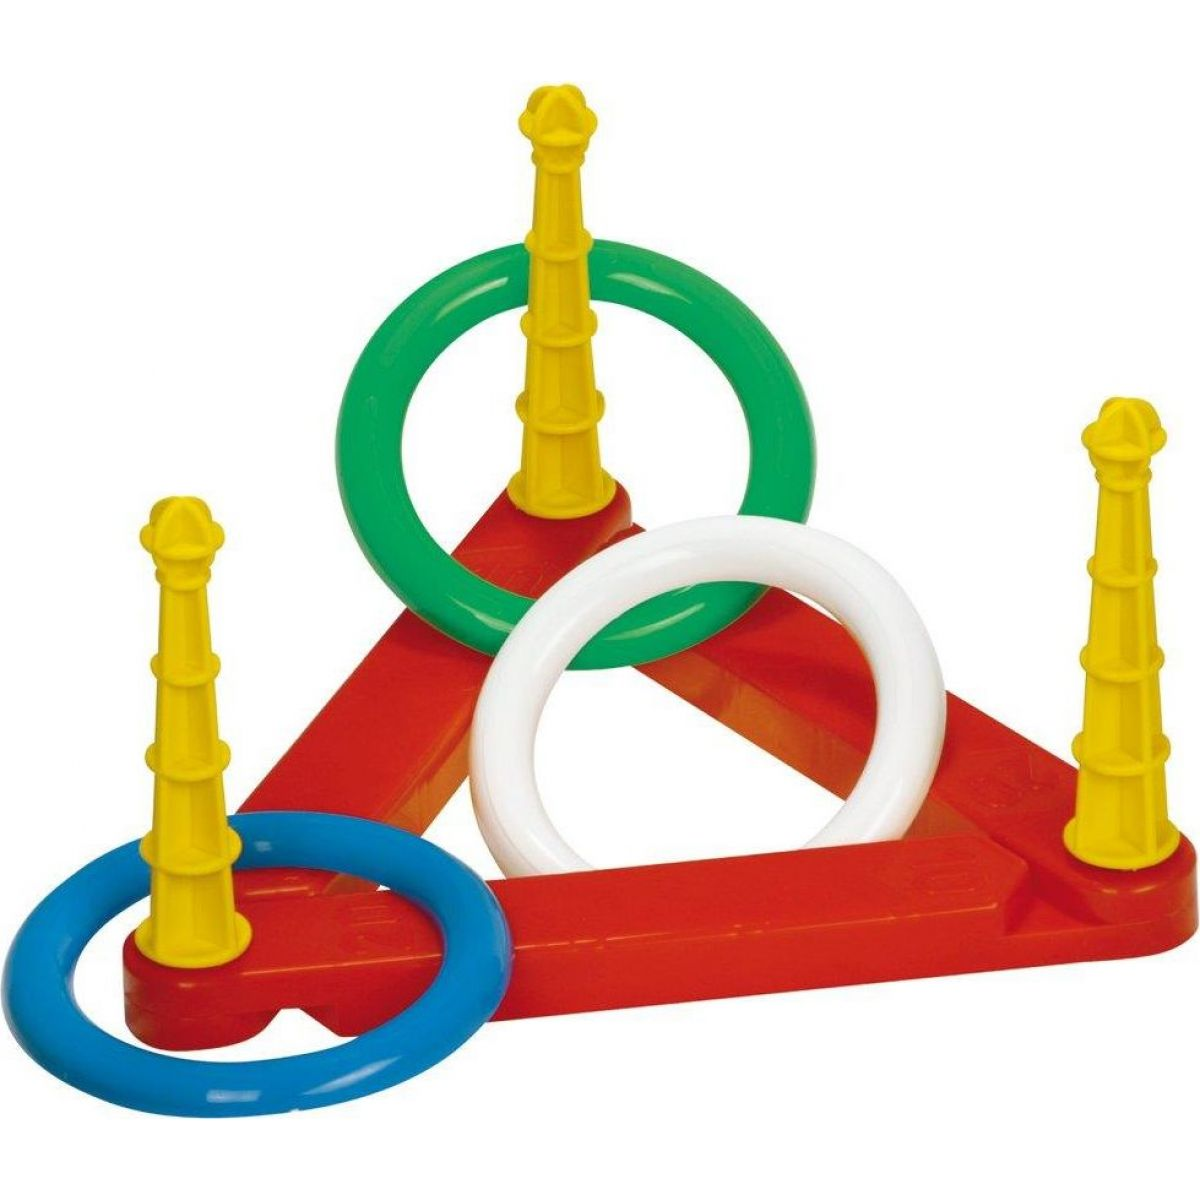 Toy Hádzacie krúžky plastové